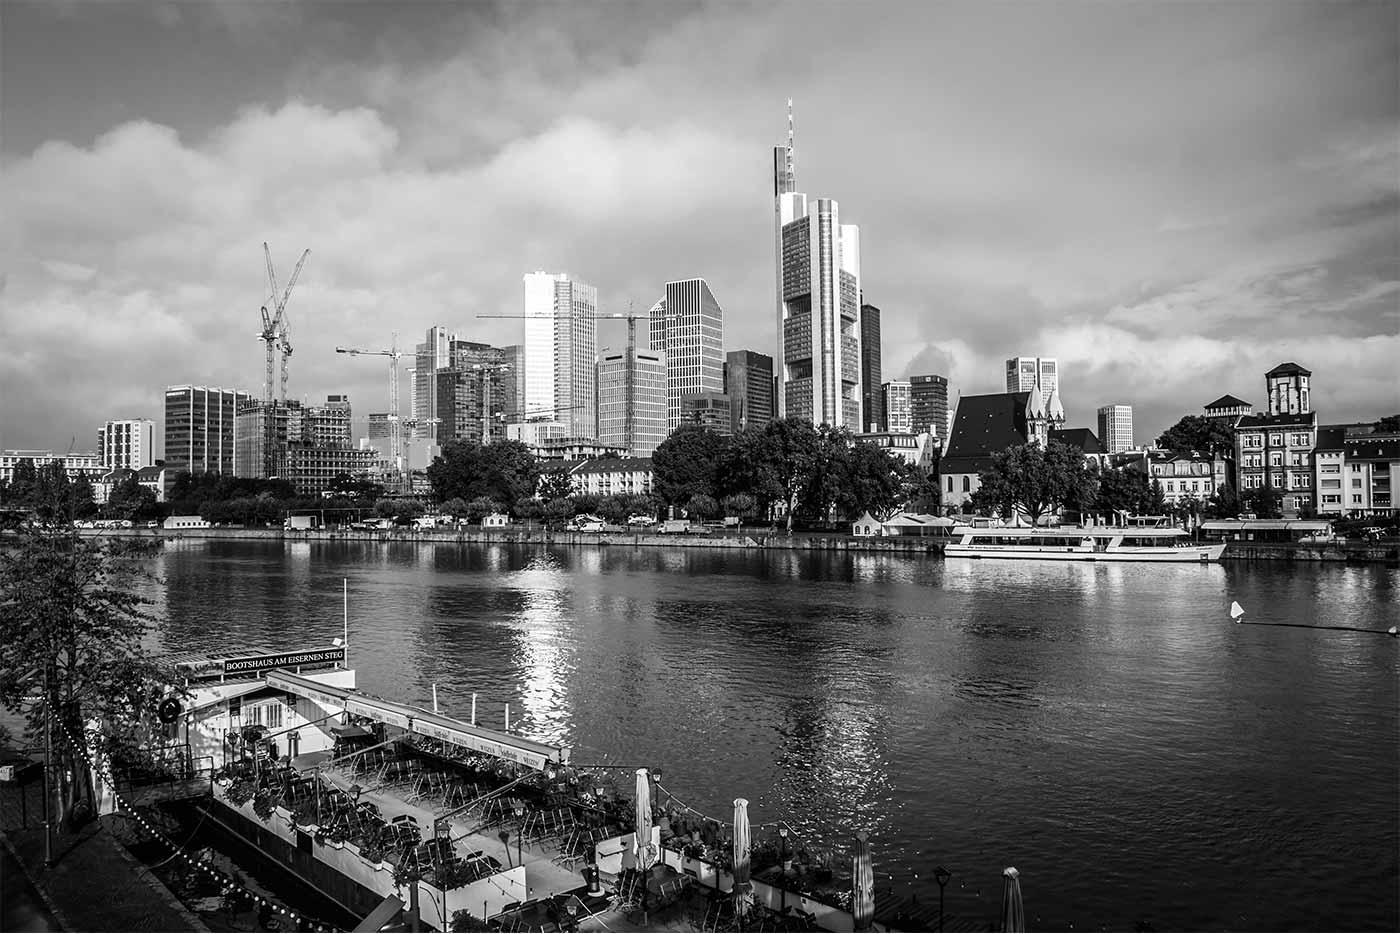 Frankfurt Skyline und Panorama Kunst Bild in schwarz und